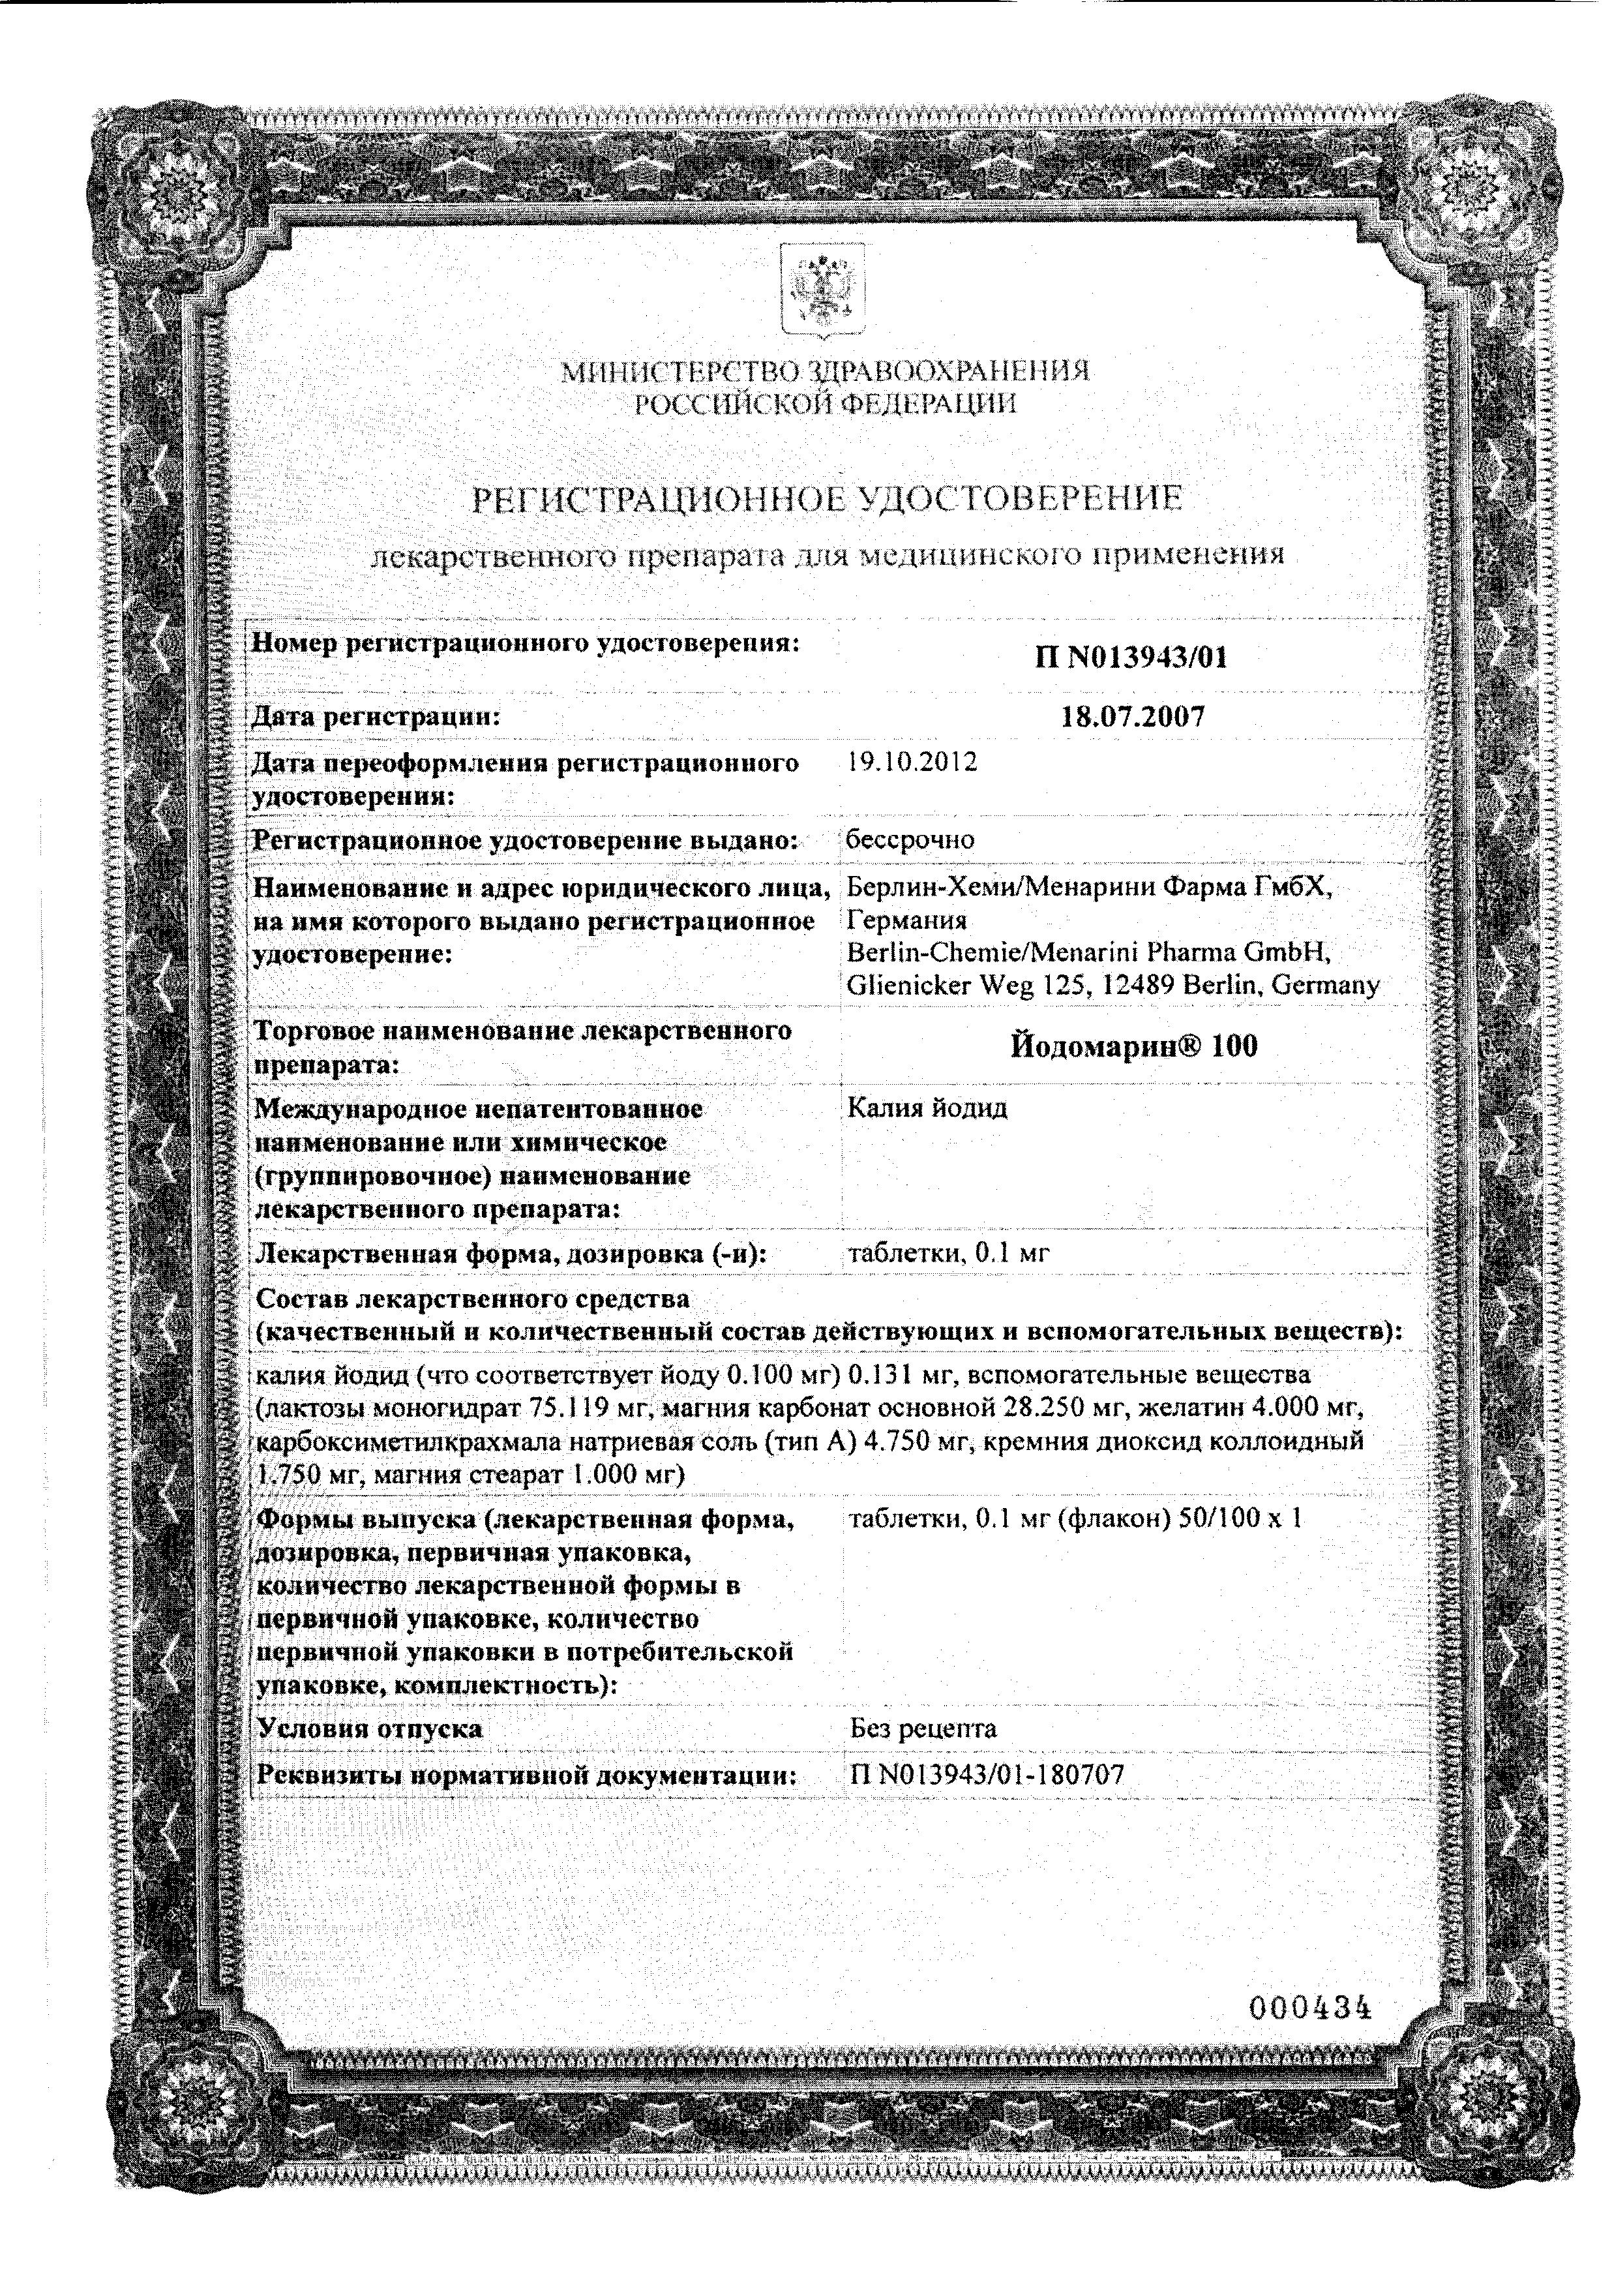 Йодомарин 100 сертификат